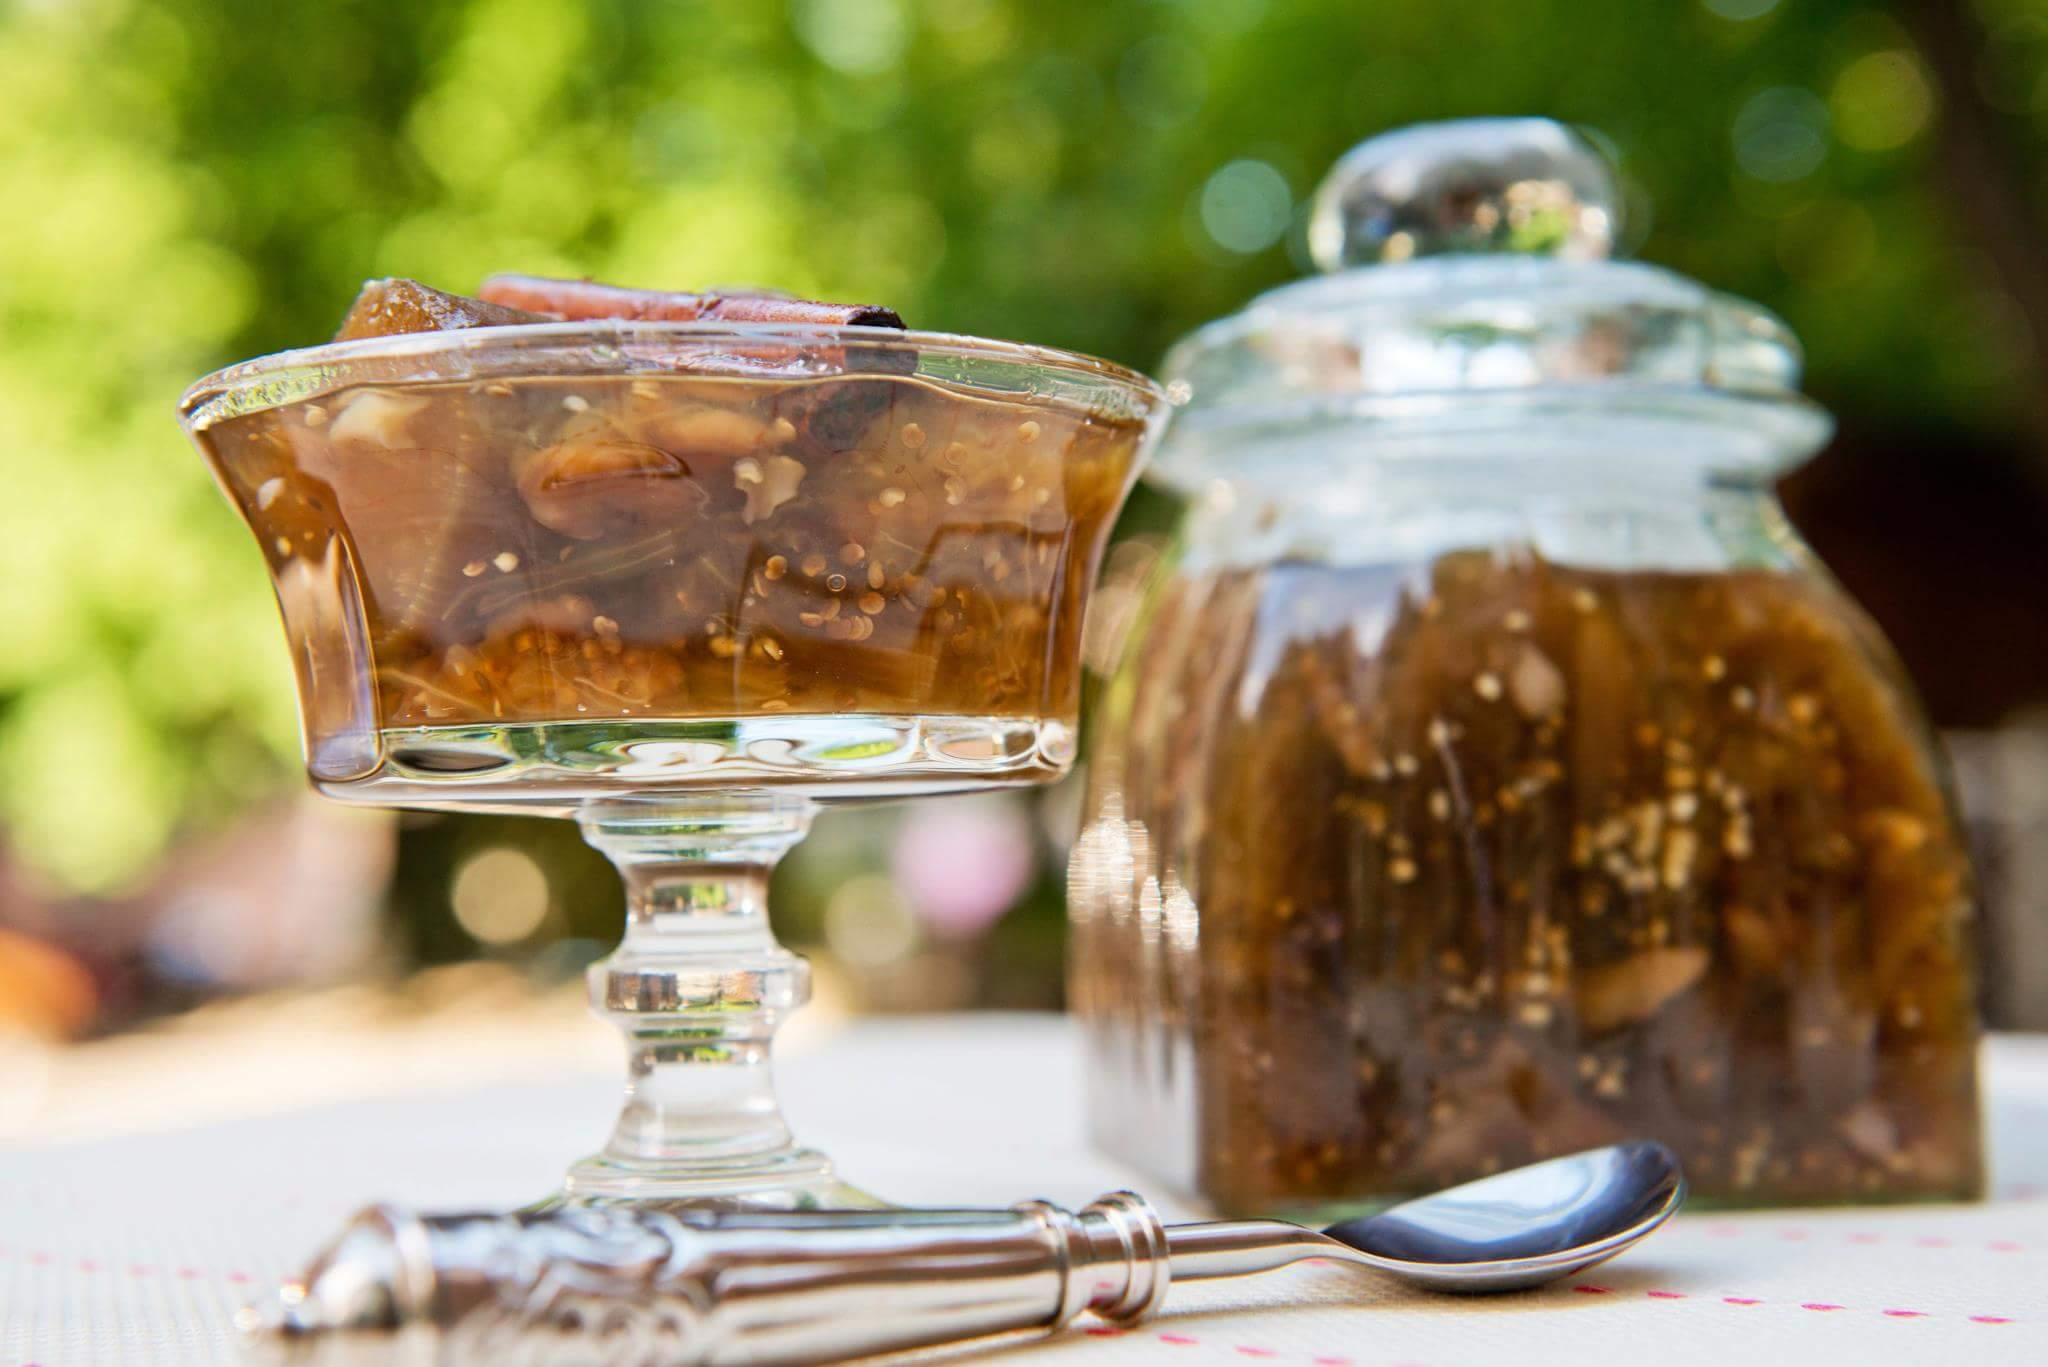 Варенье из грецких орехов: пошаговые рецепты приготовления с разными ингредиентами + фото и видео